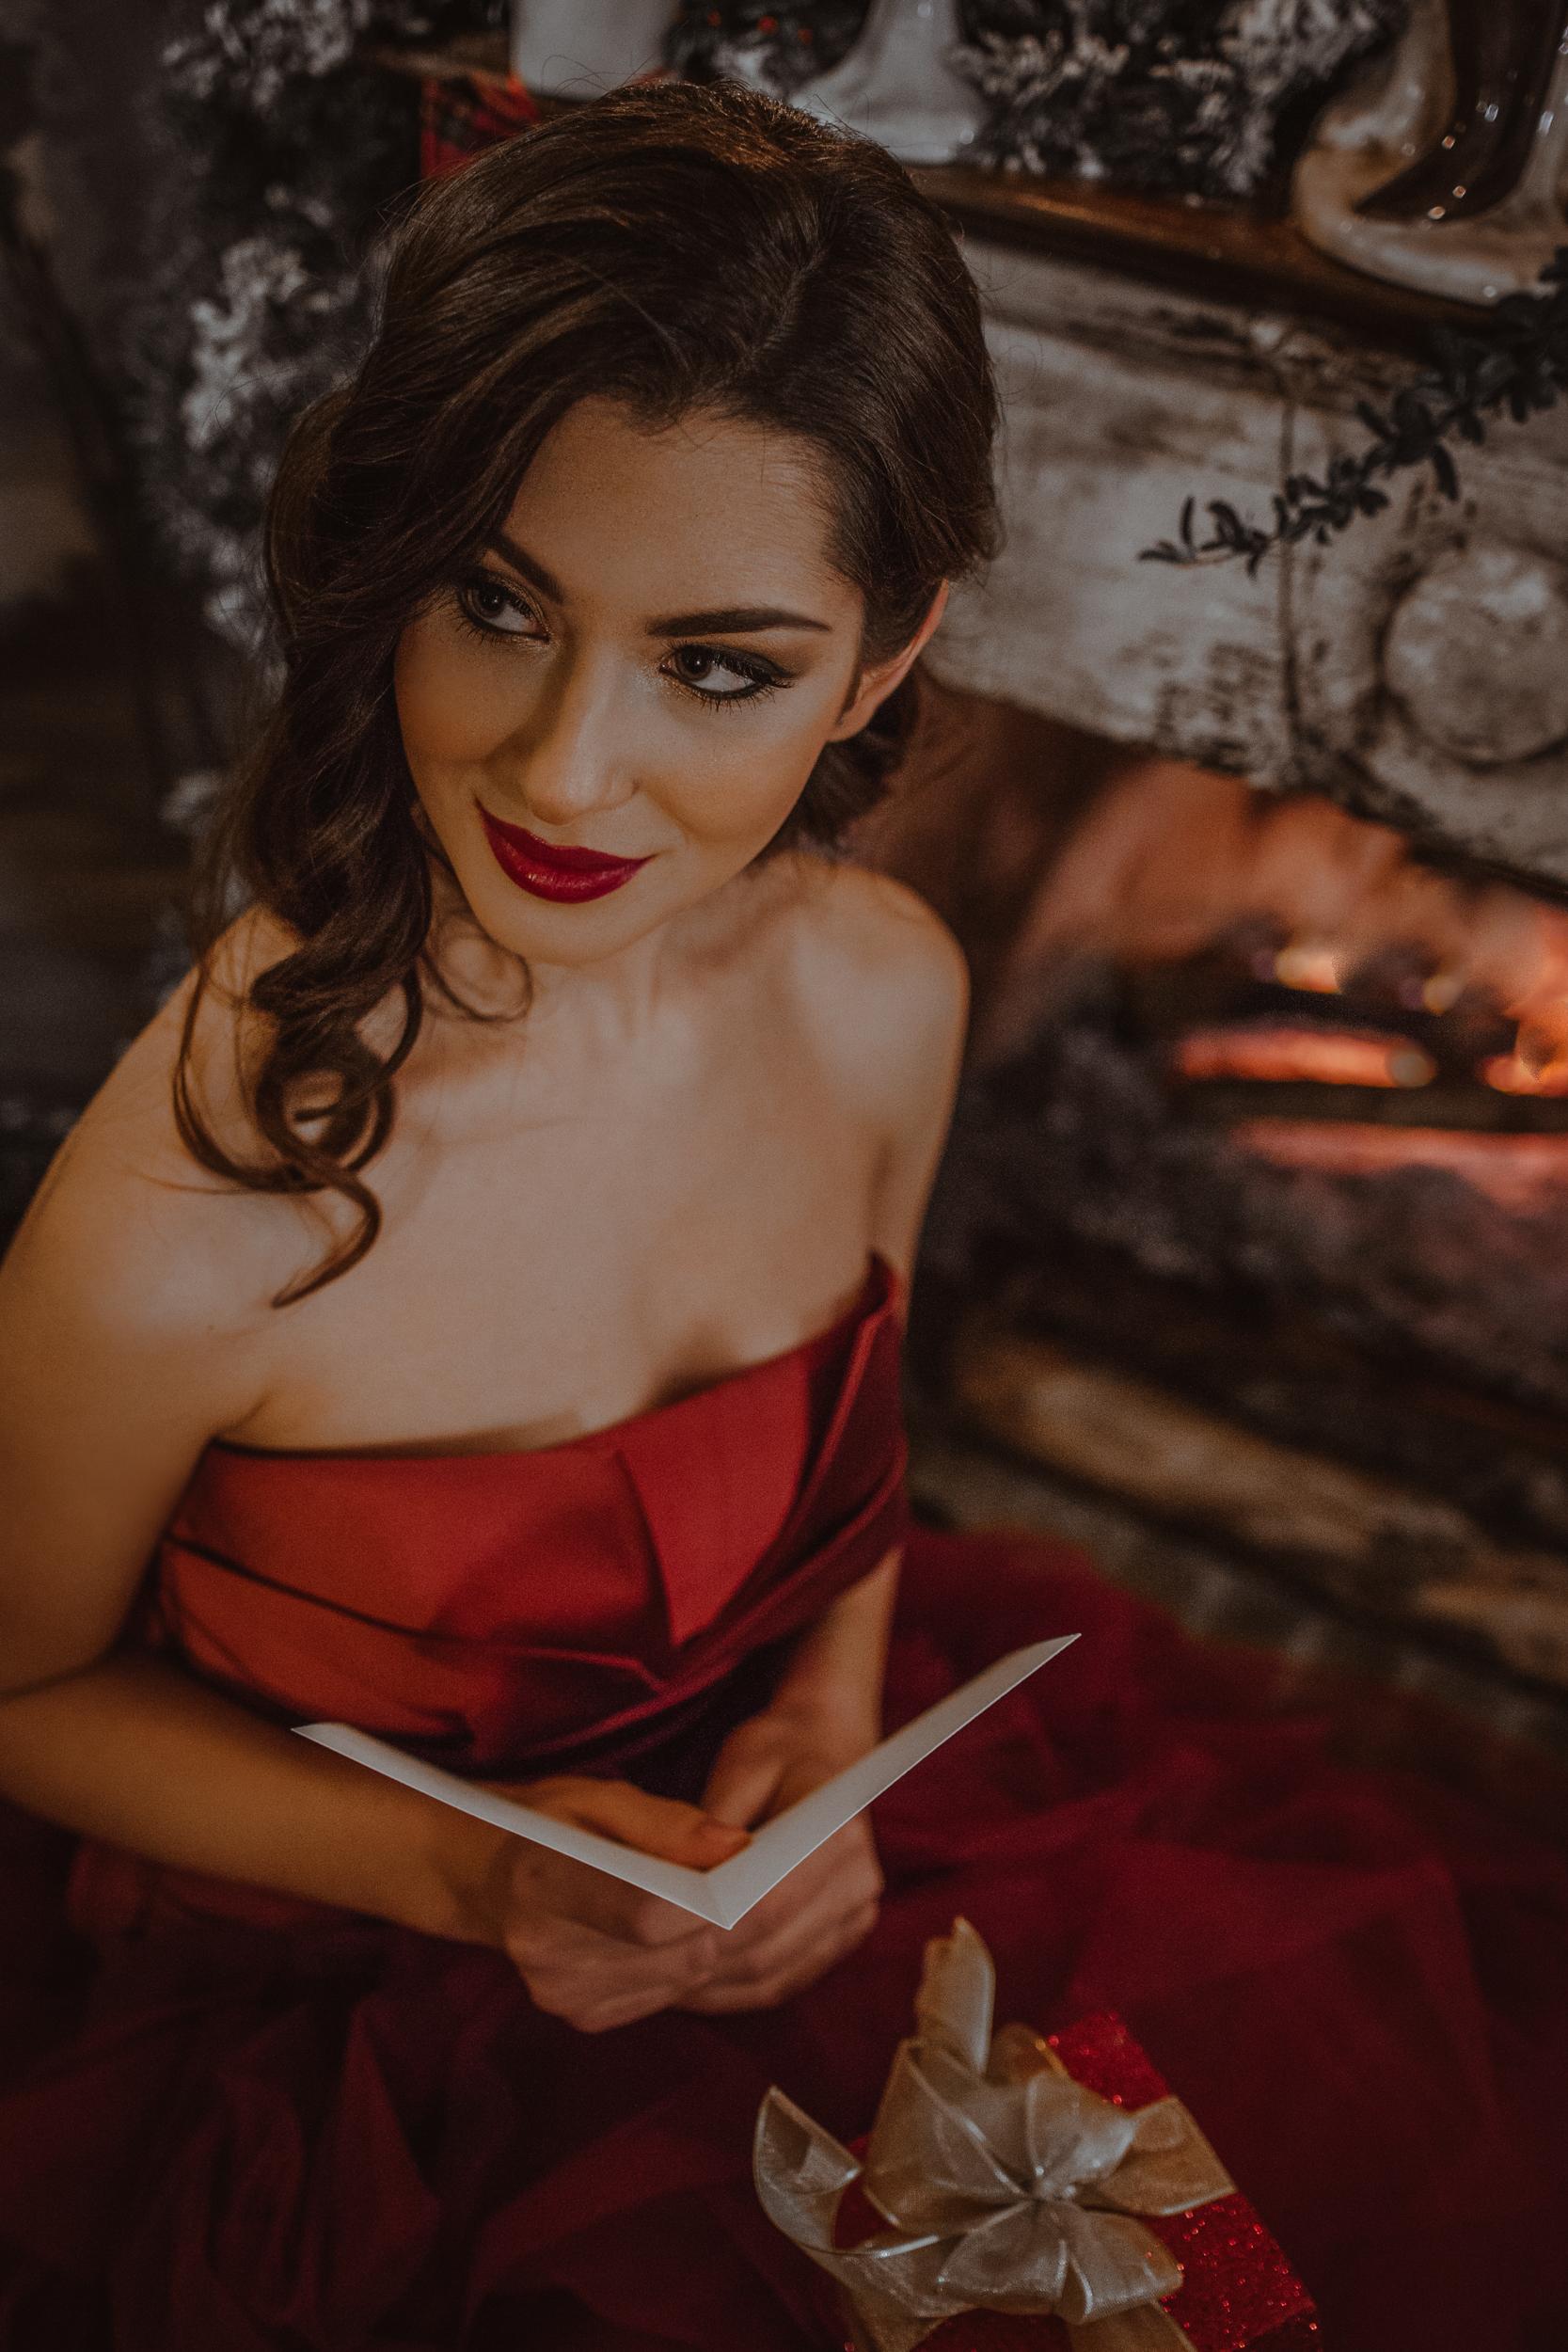 lettura della lettera d'amore